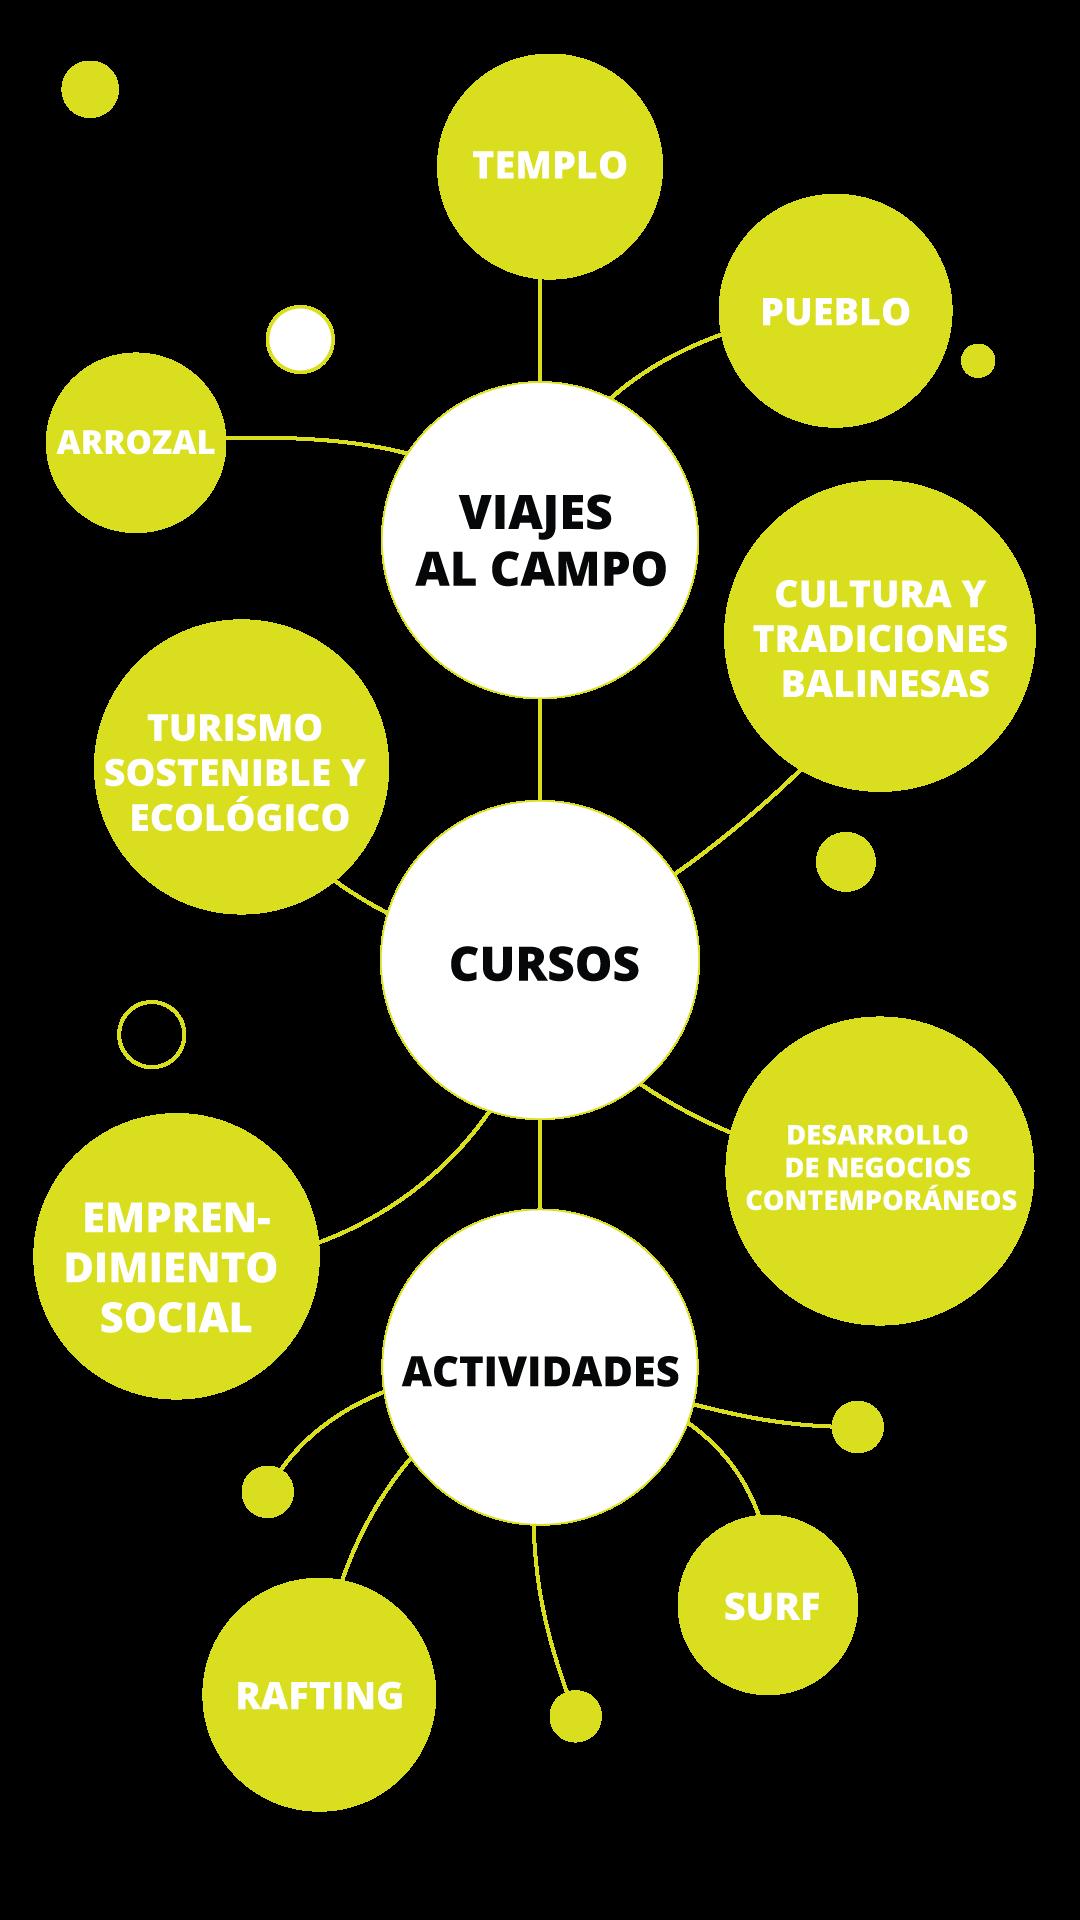 Estructura del Curso de Verano GoBali